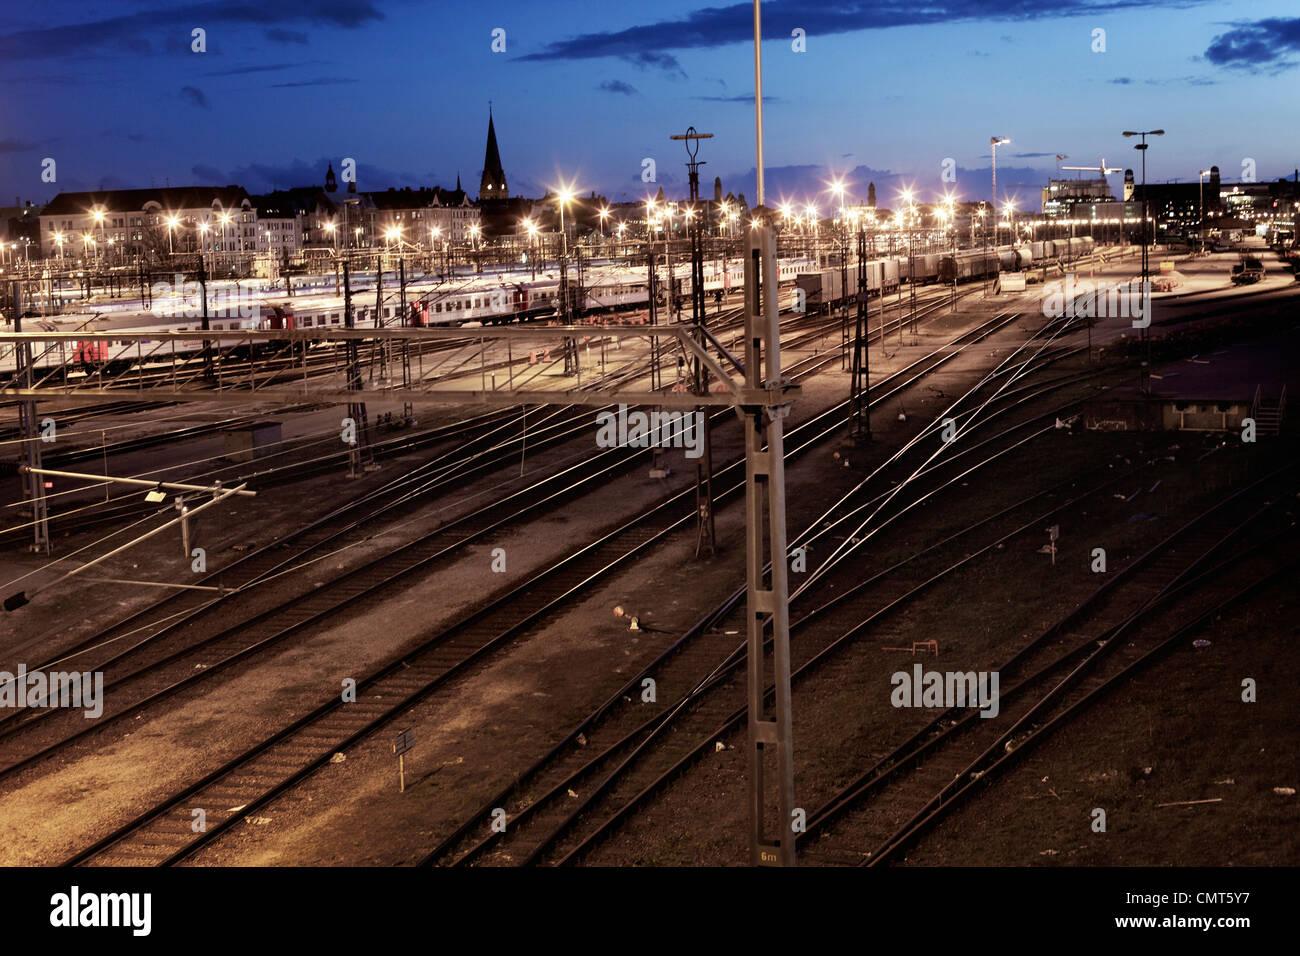 High angle view of railway tracks - Stock Image